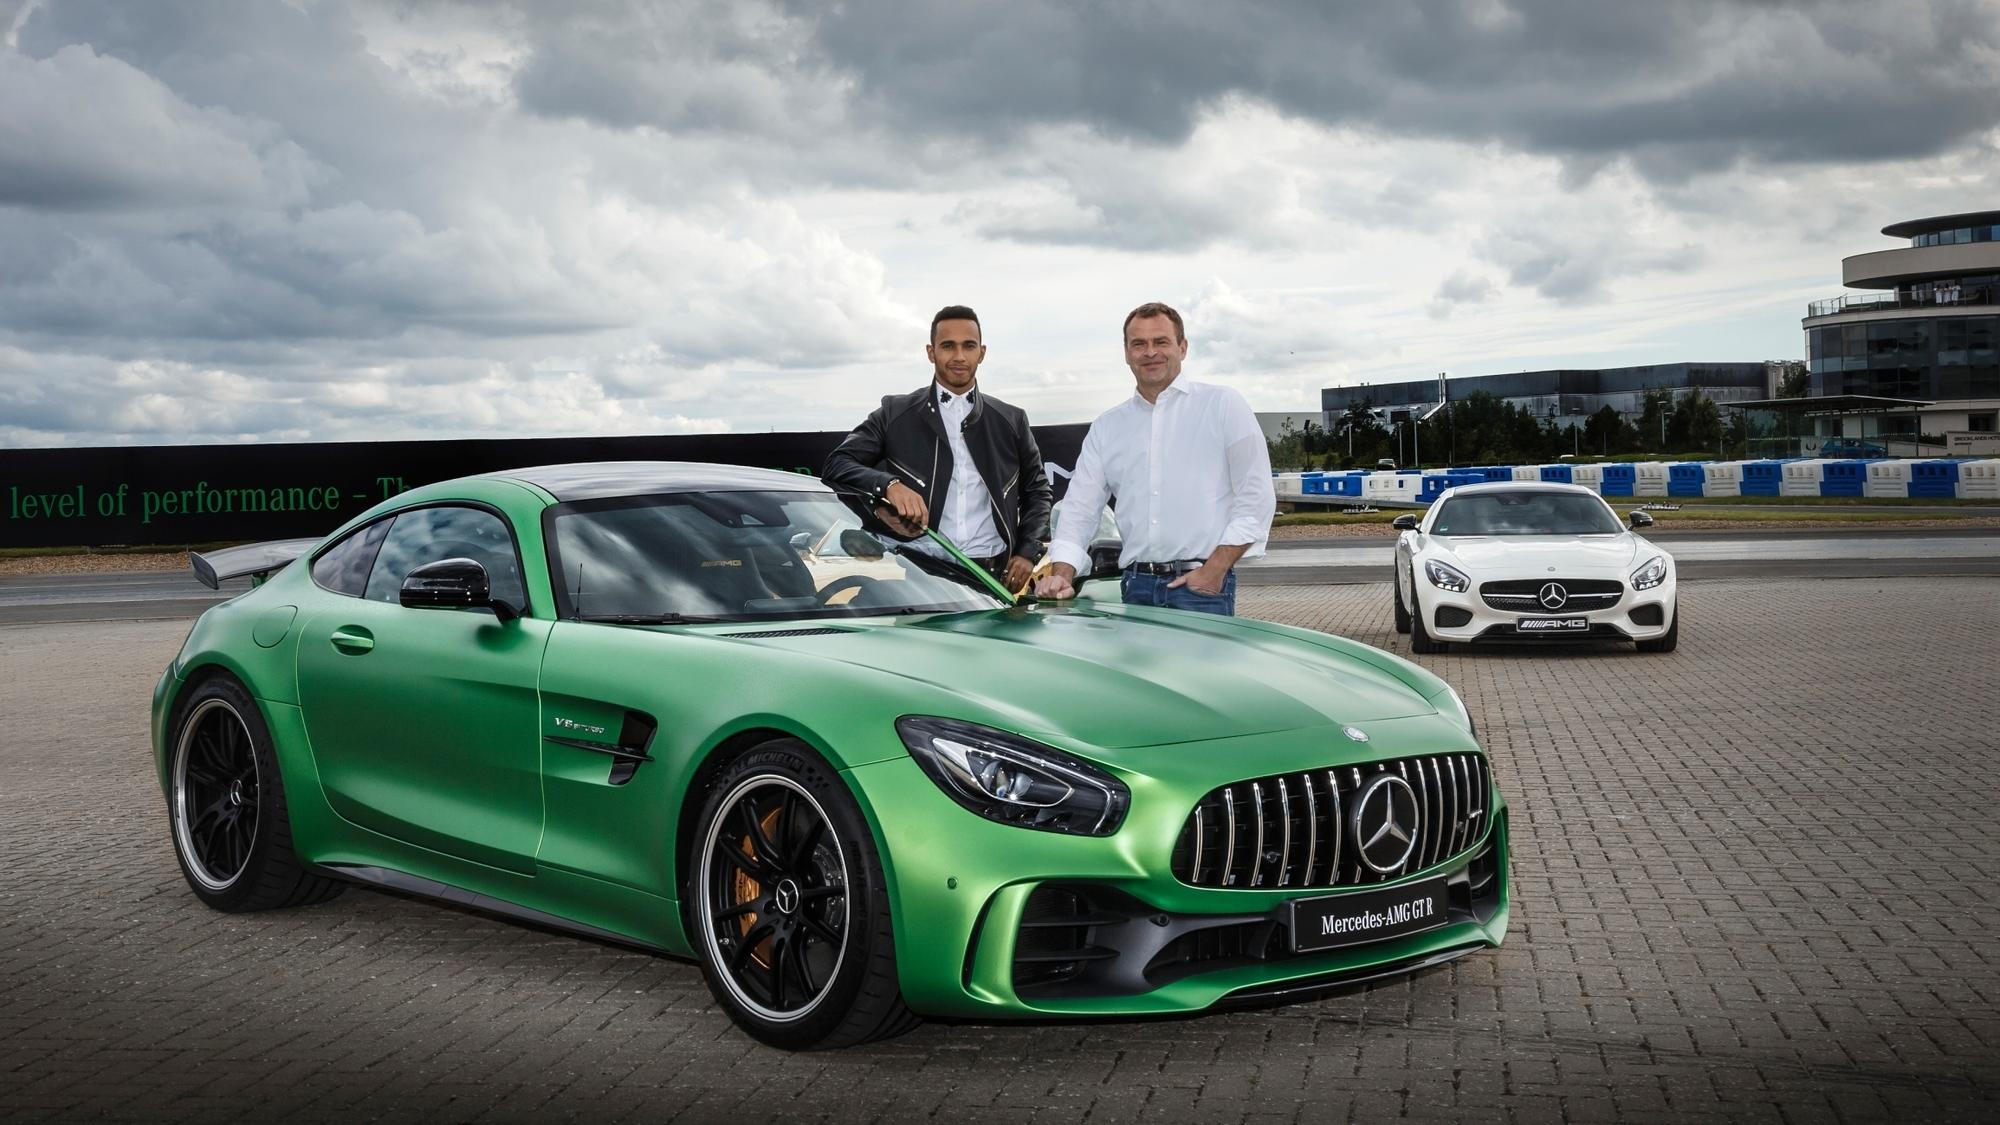 mid Groß-Gerau - Formel-1-Weltnmeister Lewis Hamilton (links) darf den neuen Mercedes-AMG GT R noch vor seiner Weltpremiere testen. AMG-Chef Tobias Moers wünscht viel Spaß.